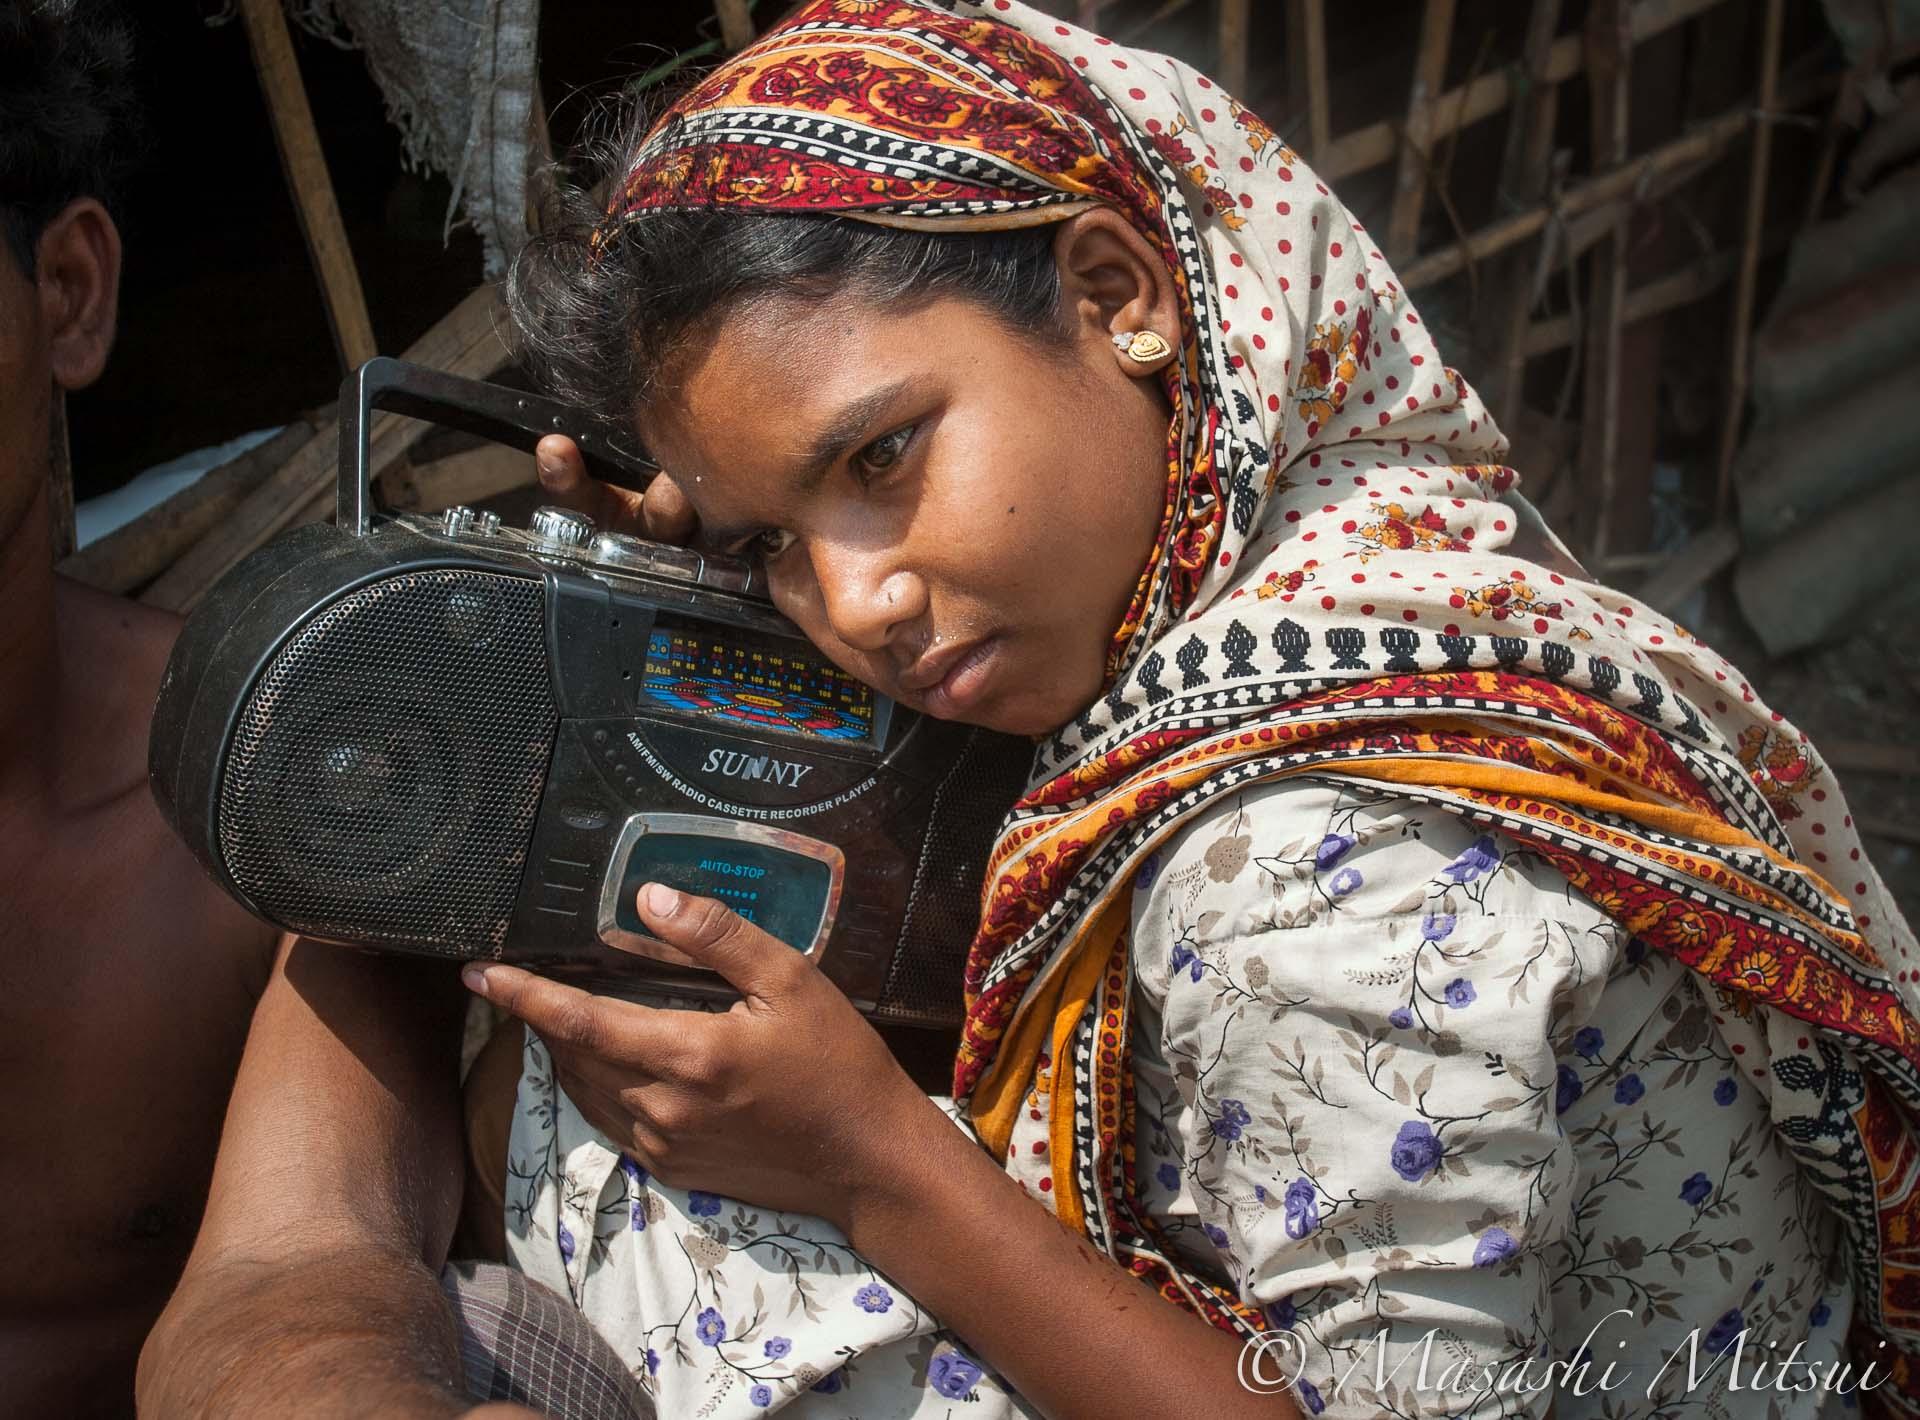 ダッカのスラム街で暮らす少女との再会